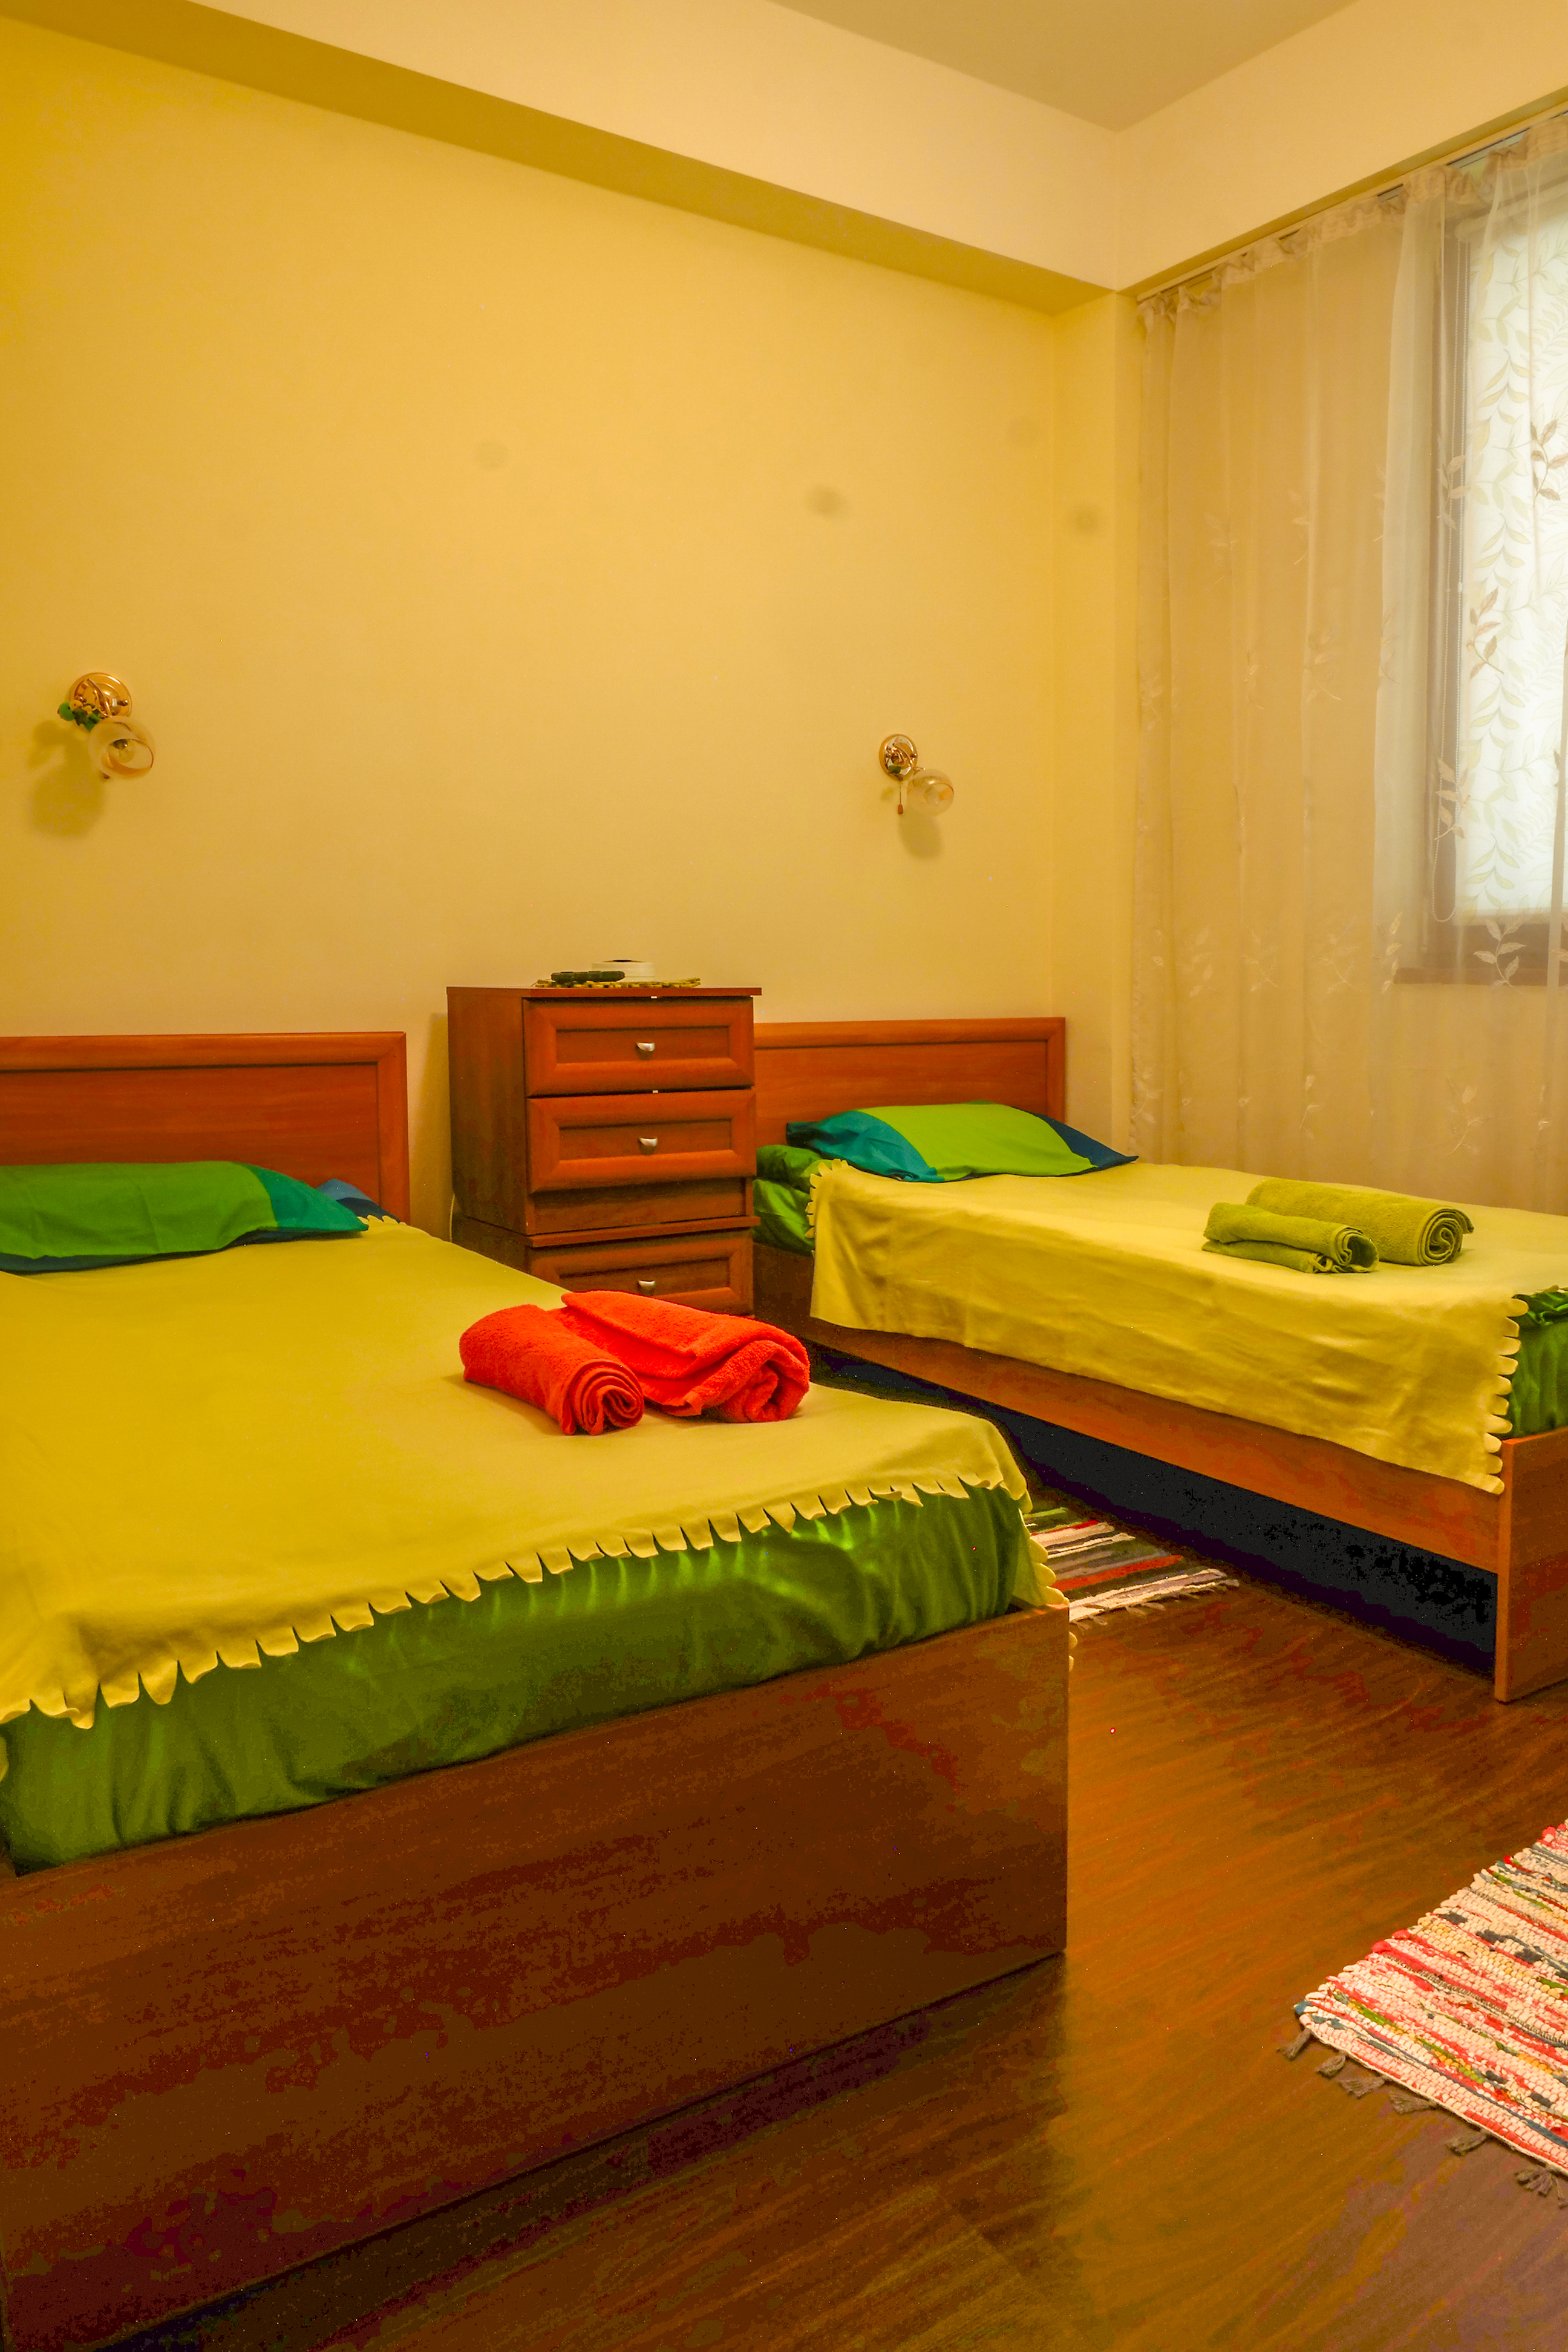 Апартаменты на Турчинского 50. Зеленая спальня